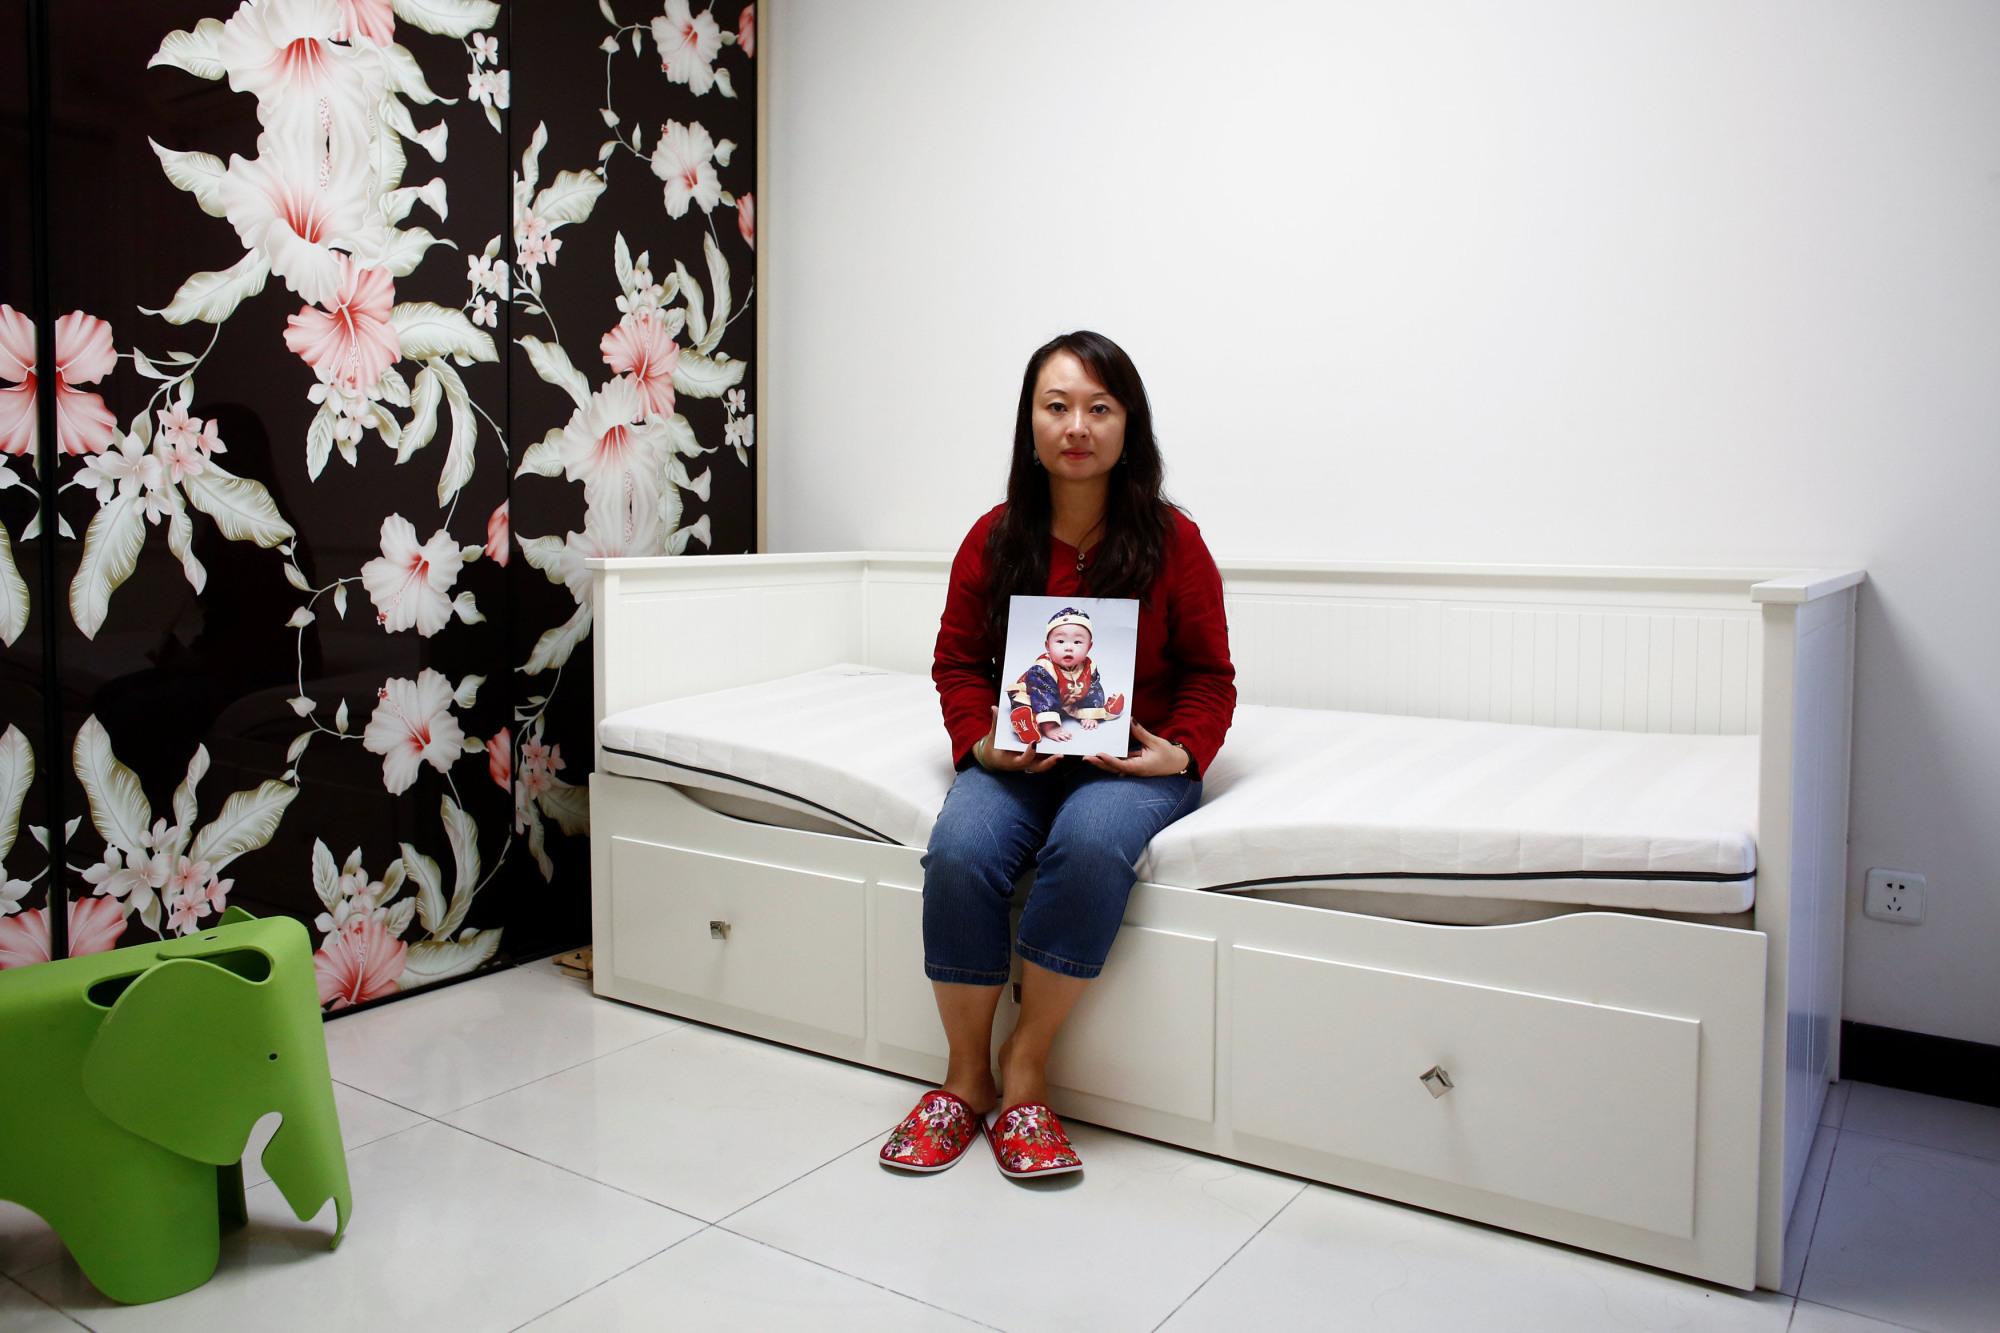 Dai Xiao Lei và bức ảnh của cậu con trai bị bát cóc khi chỉ hơn 1 tuổi